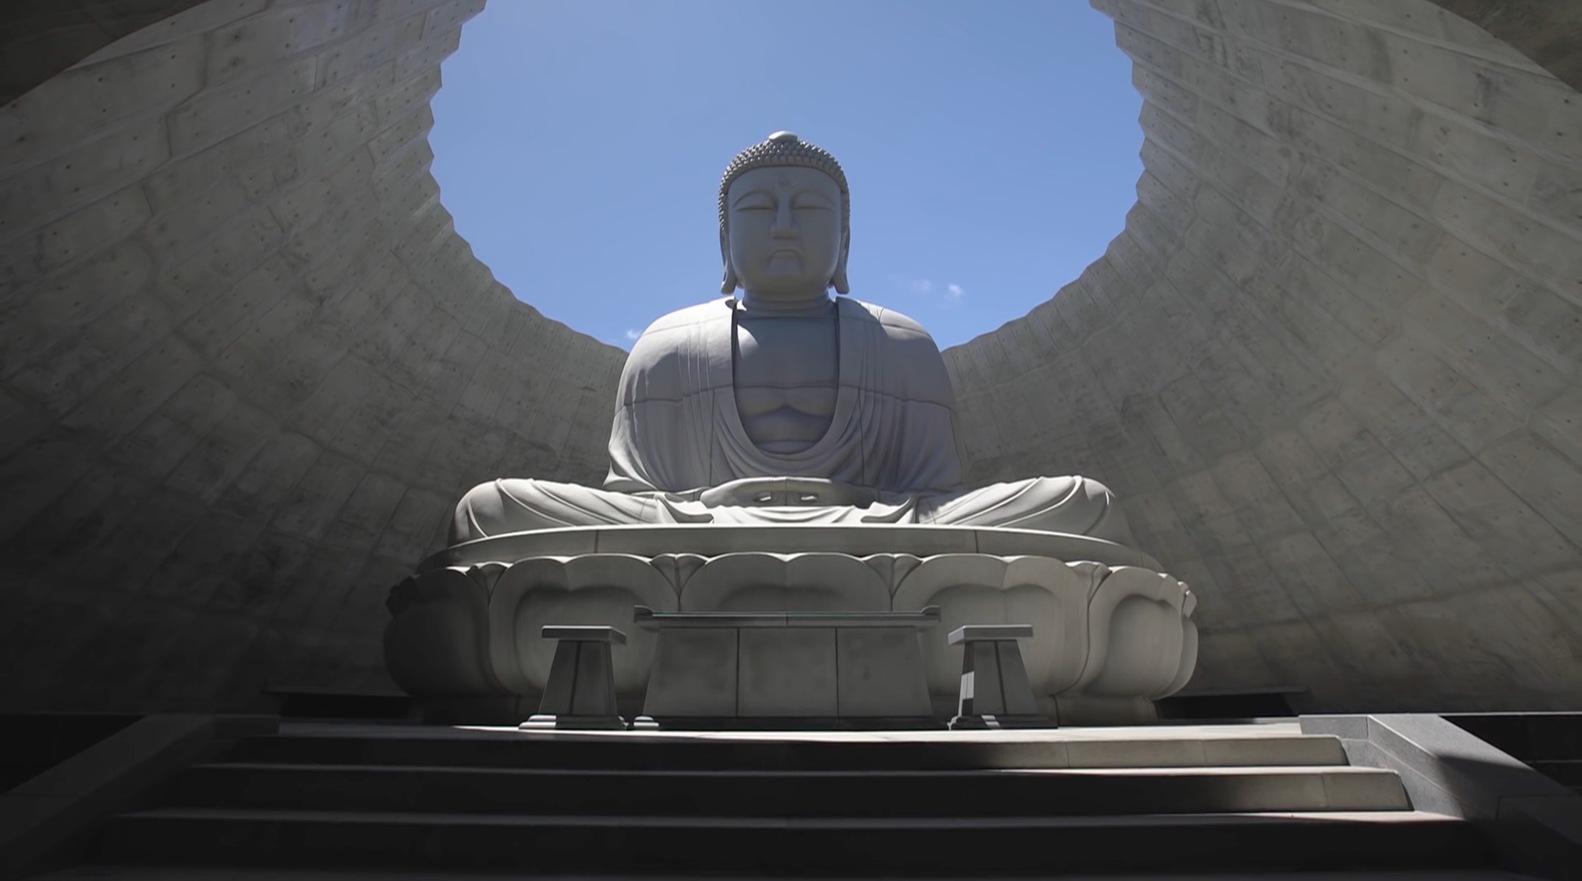 L'immensa statua del Buddha siede al centro di una sala circolare a forma di cono aperta verso la luce e verso il cielo © Hokkaido fan magazine